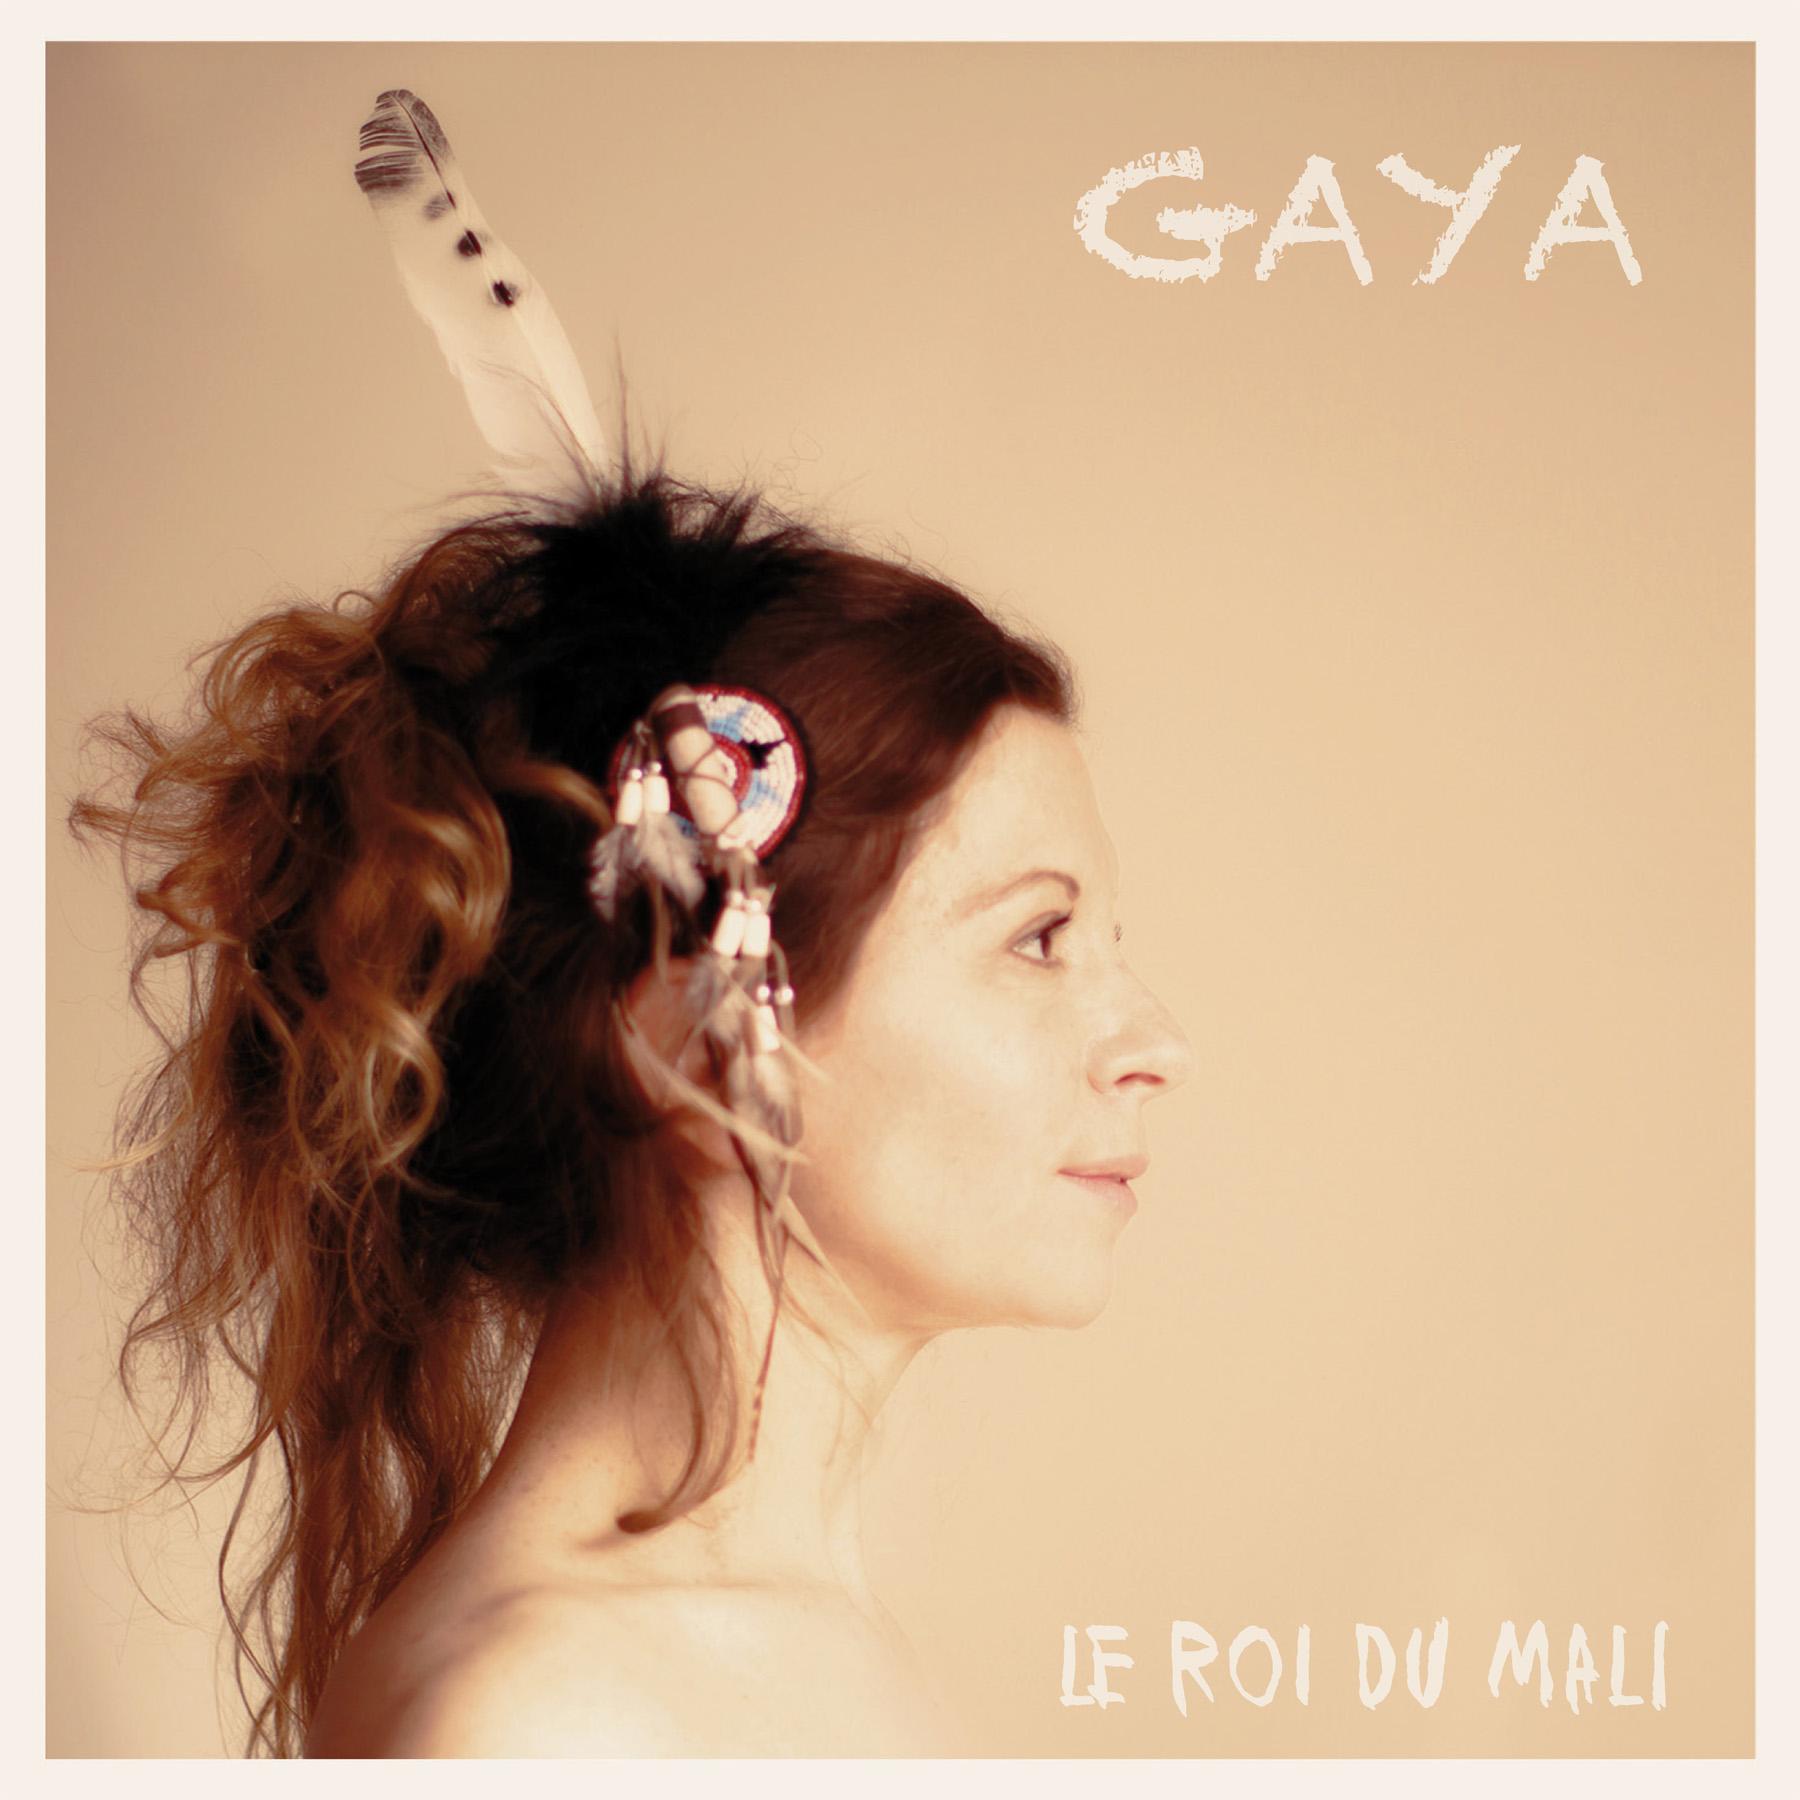 Gaya - Le roi du Mali